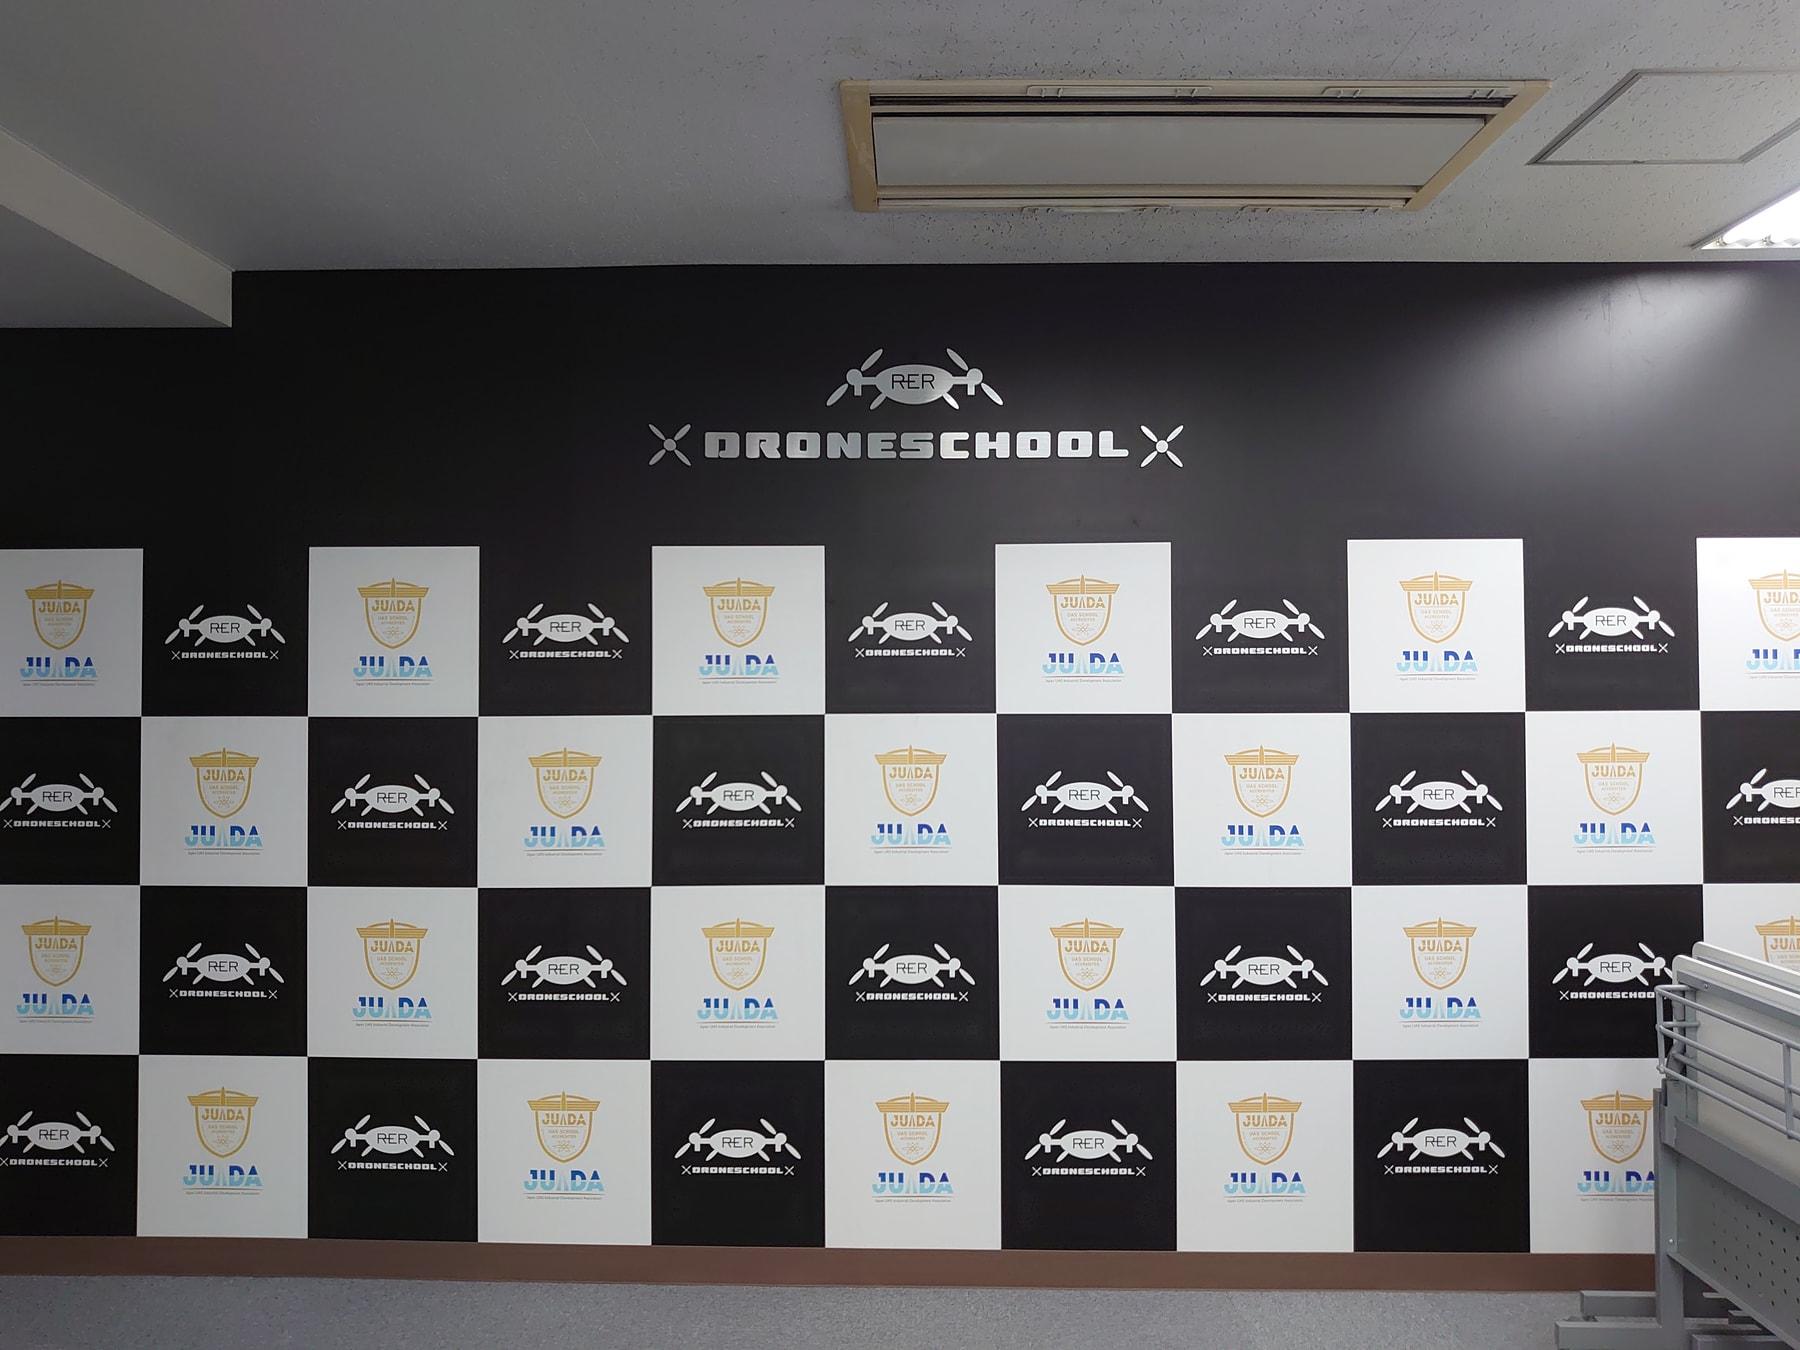 マーキングフィルム/アクリル板/レーザーカット文字